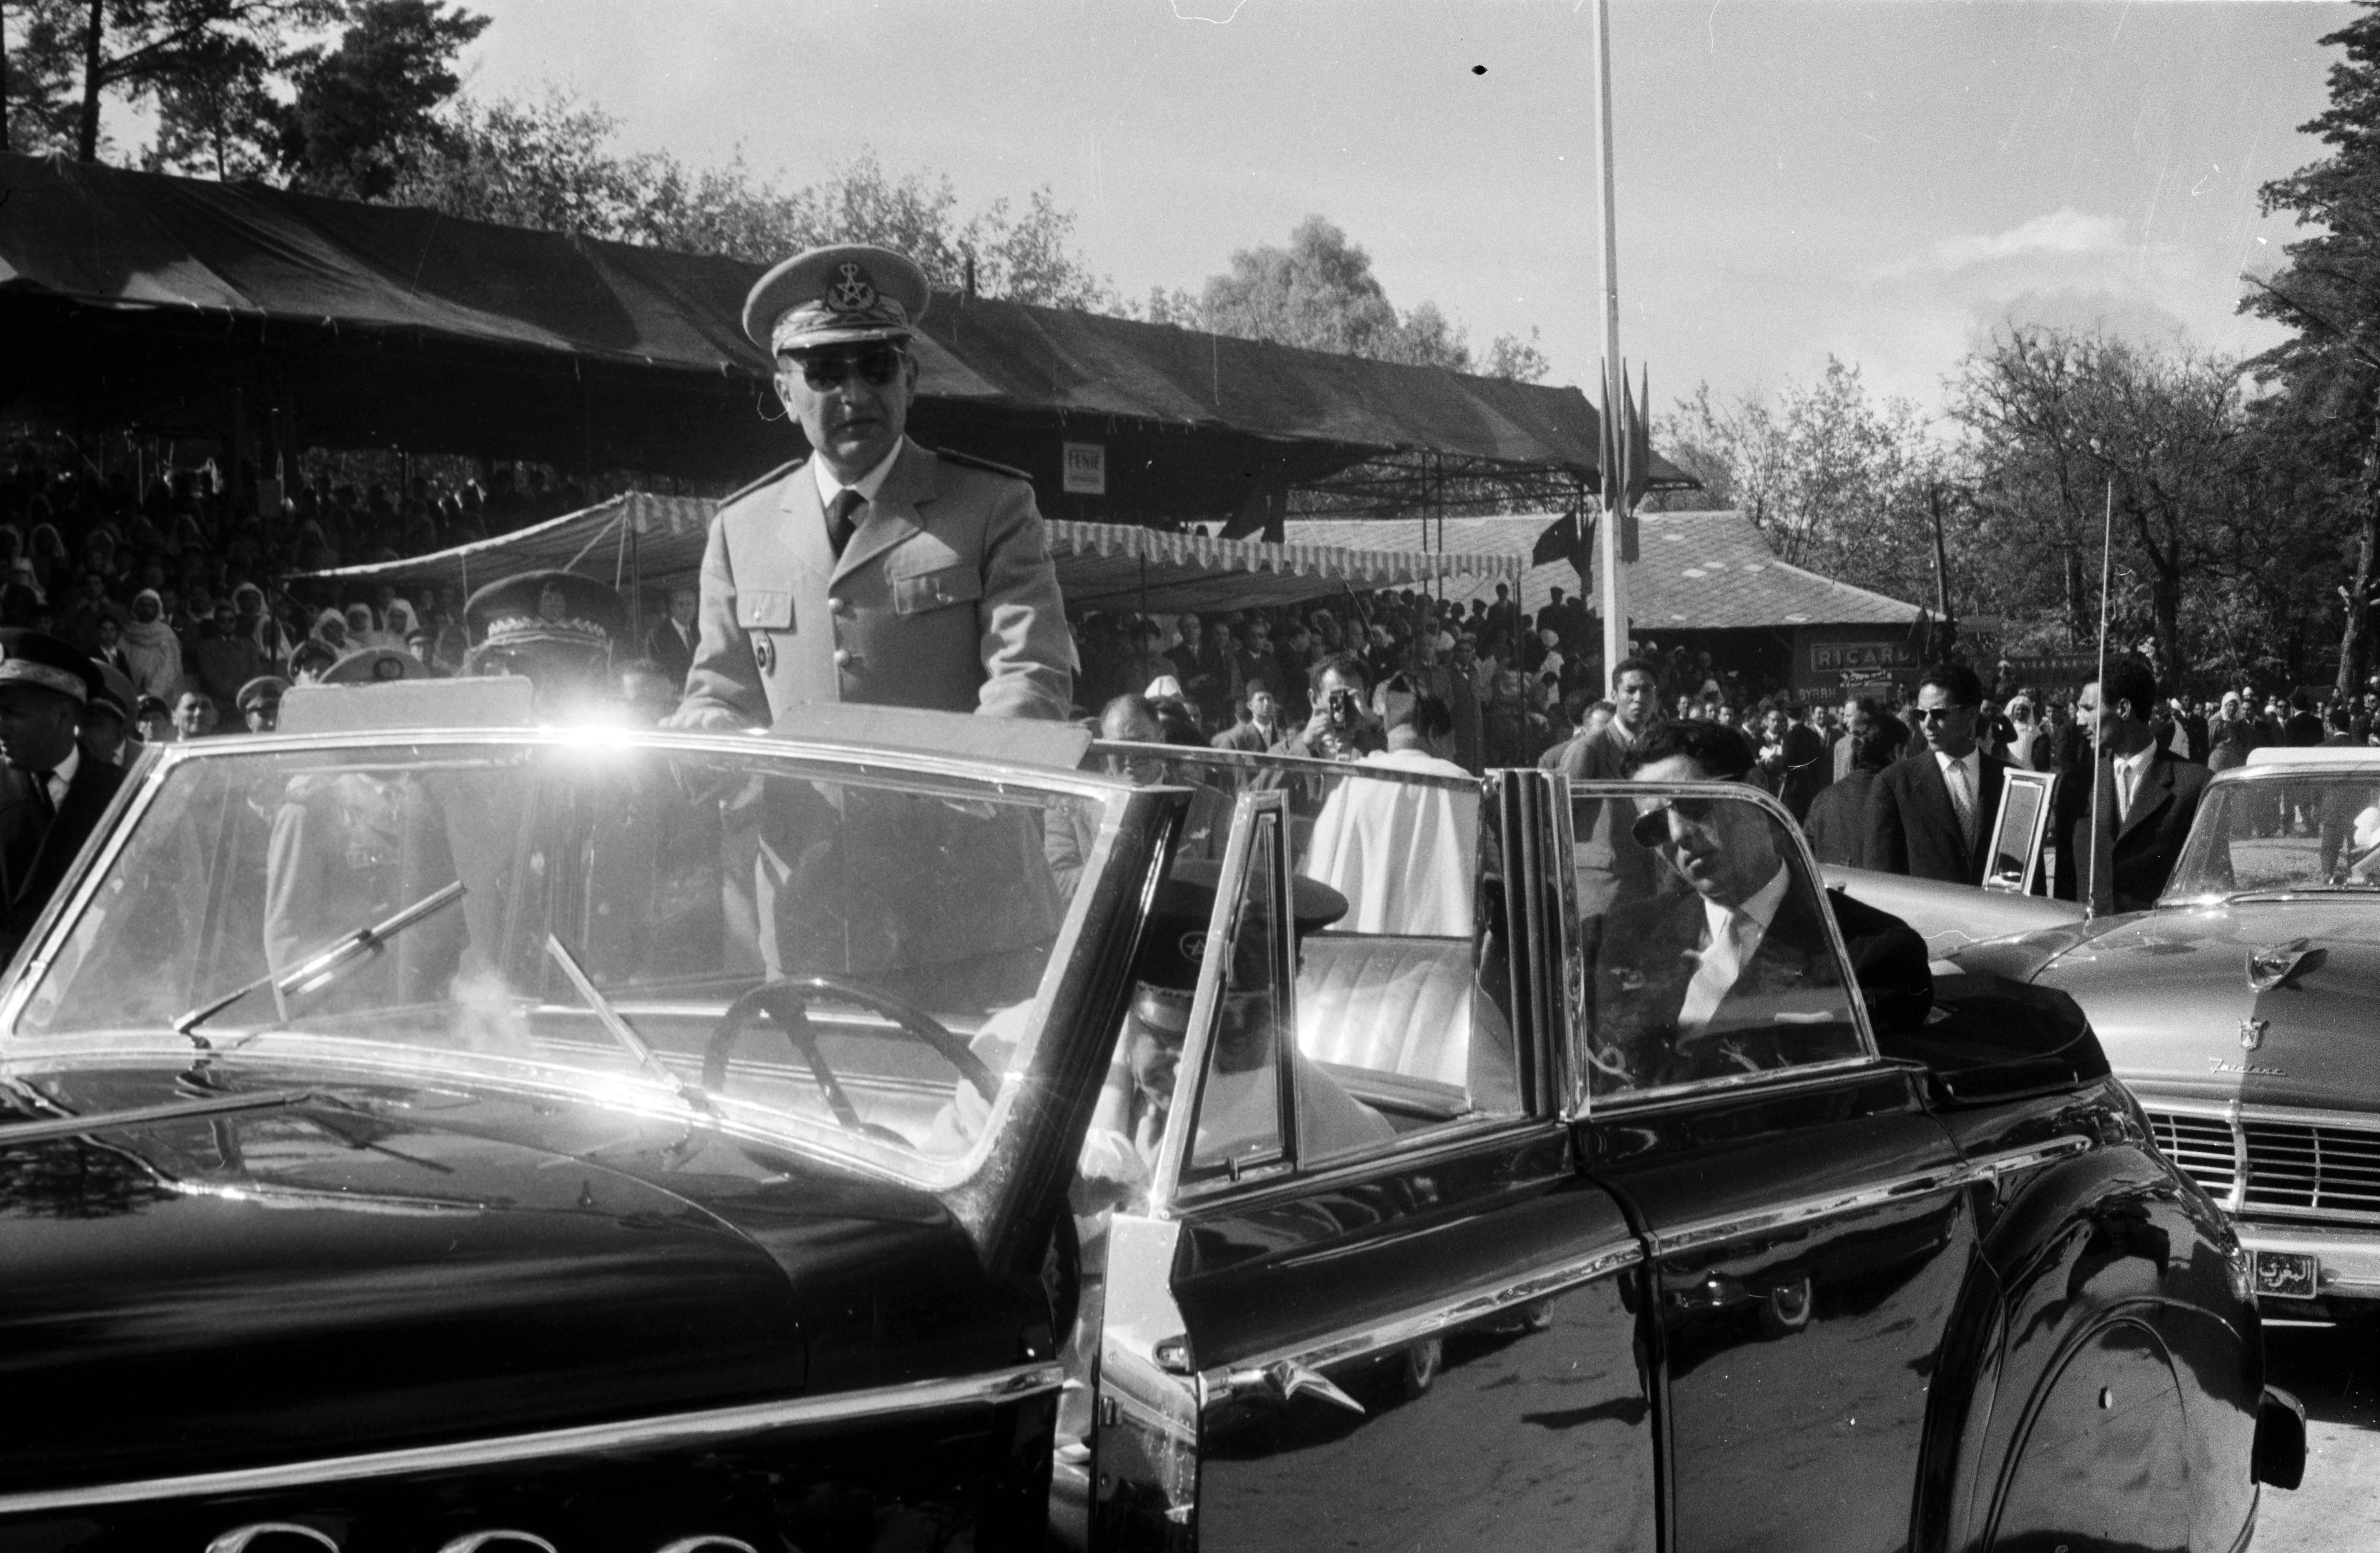 Defilé des FAR à Fès le 18 novembre 1957  41375408434_b1e2930ae8_o